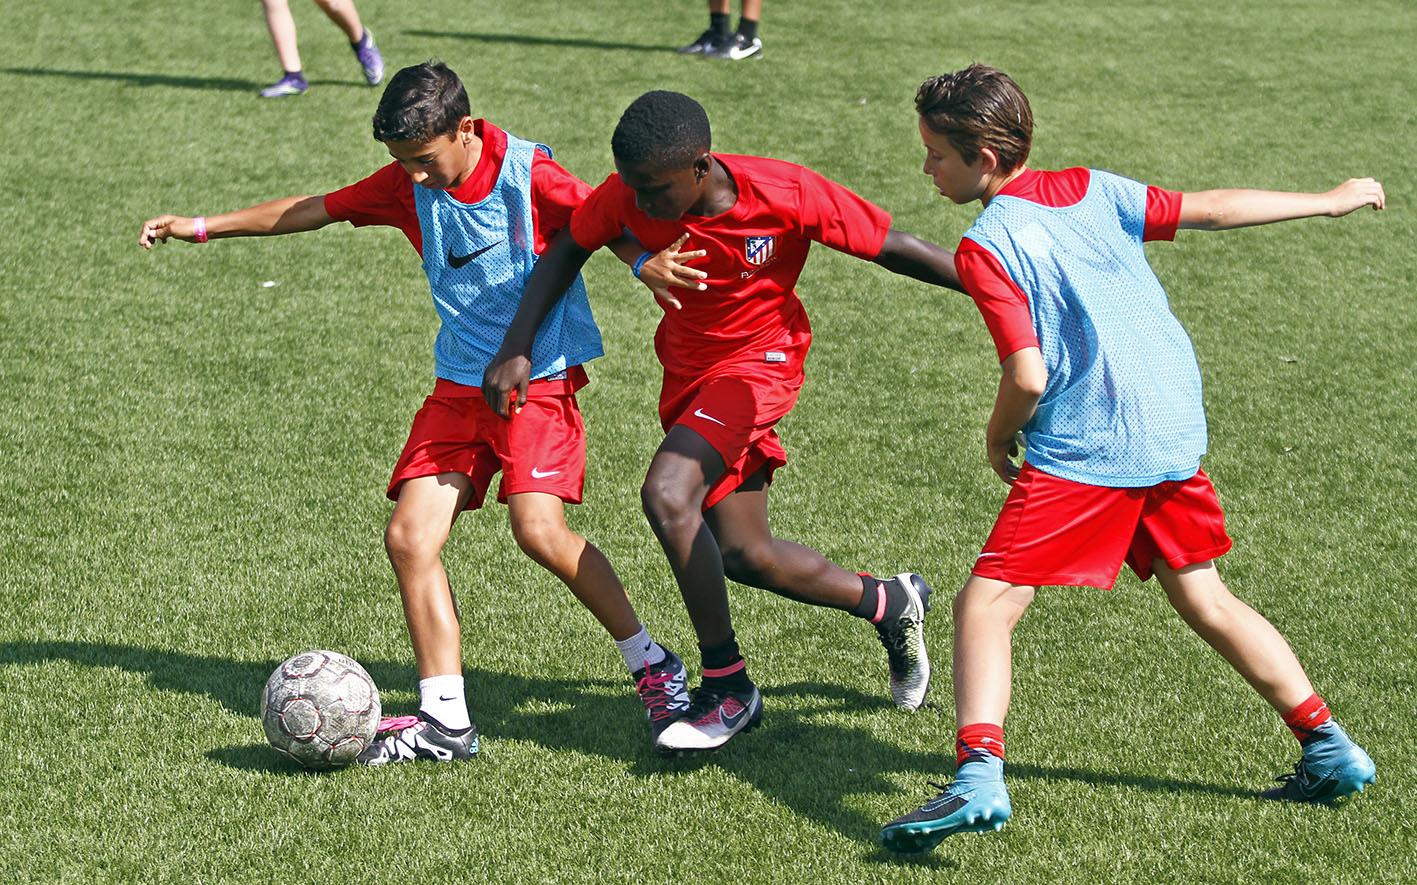 campus verano 4 1 1 - Comment les stages de football aident-ils à ouvrir l'esprit des jeunes?